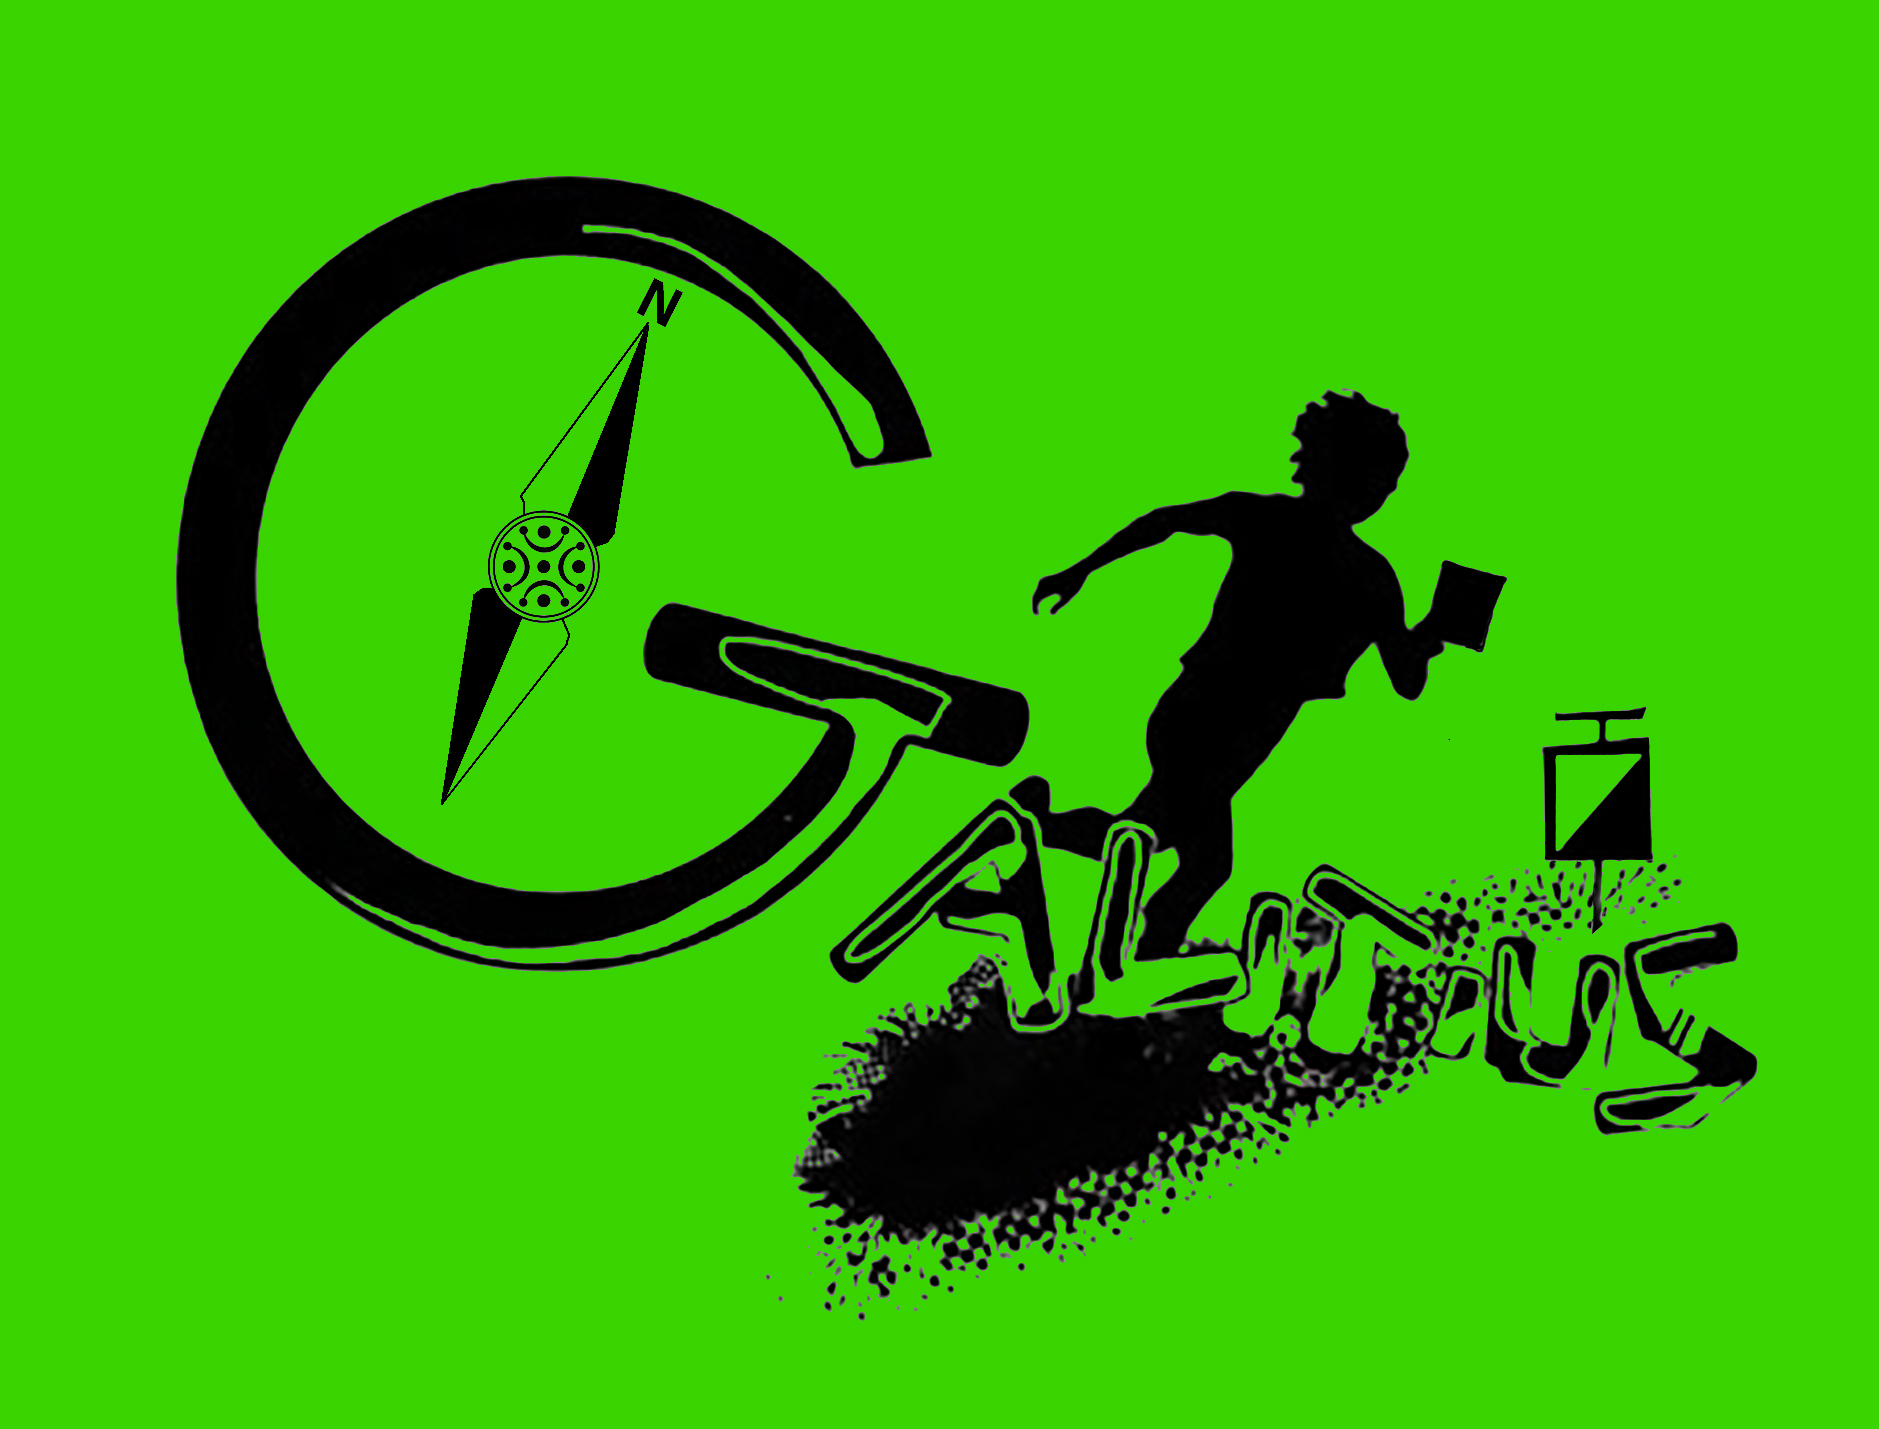 Club deportivo Galitius